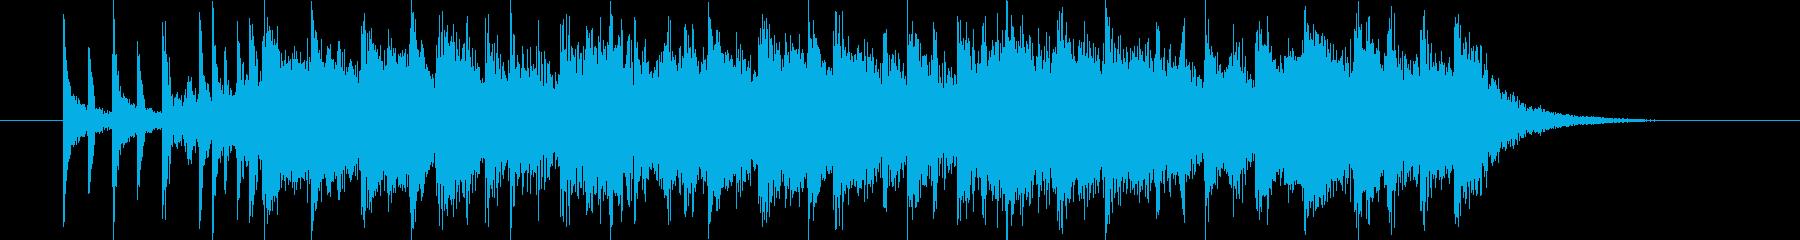 疾走感がありドラムが印象的なBGMの再生済みの波形